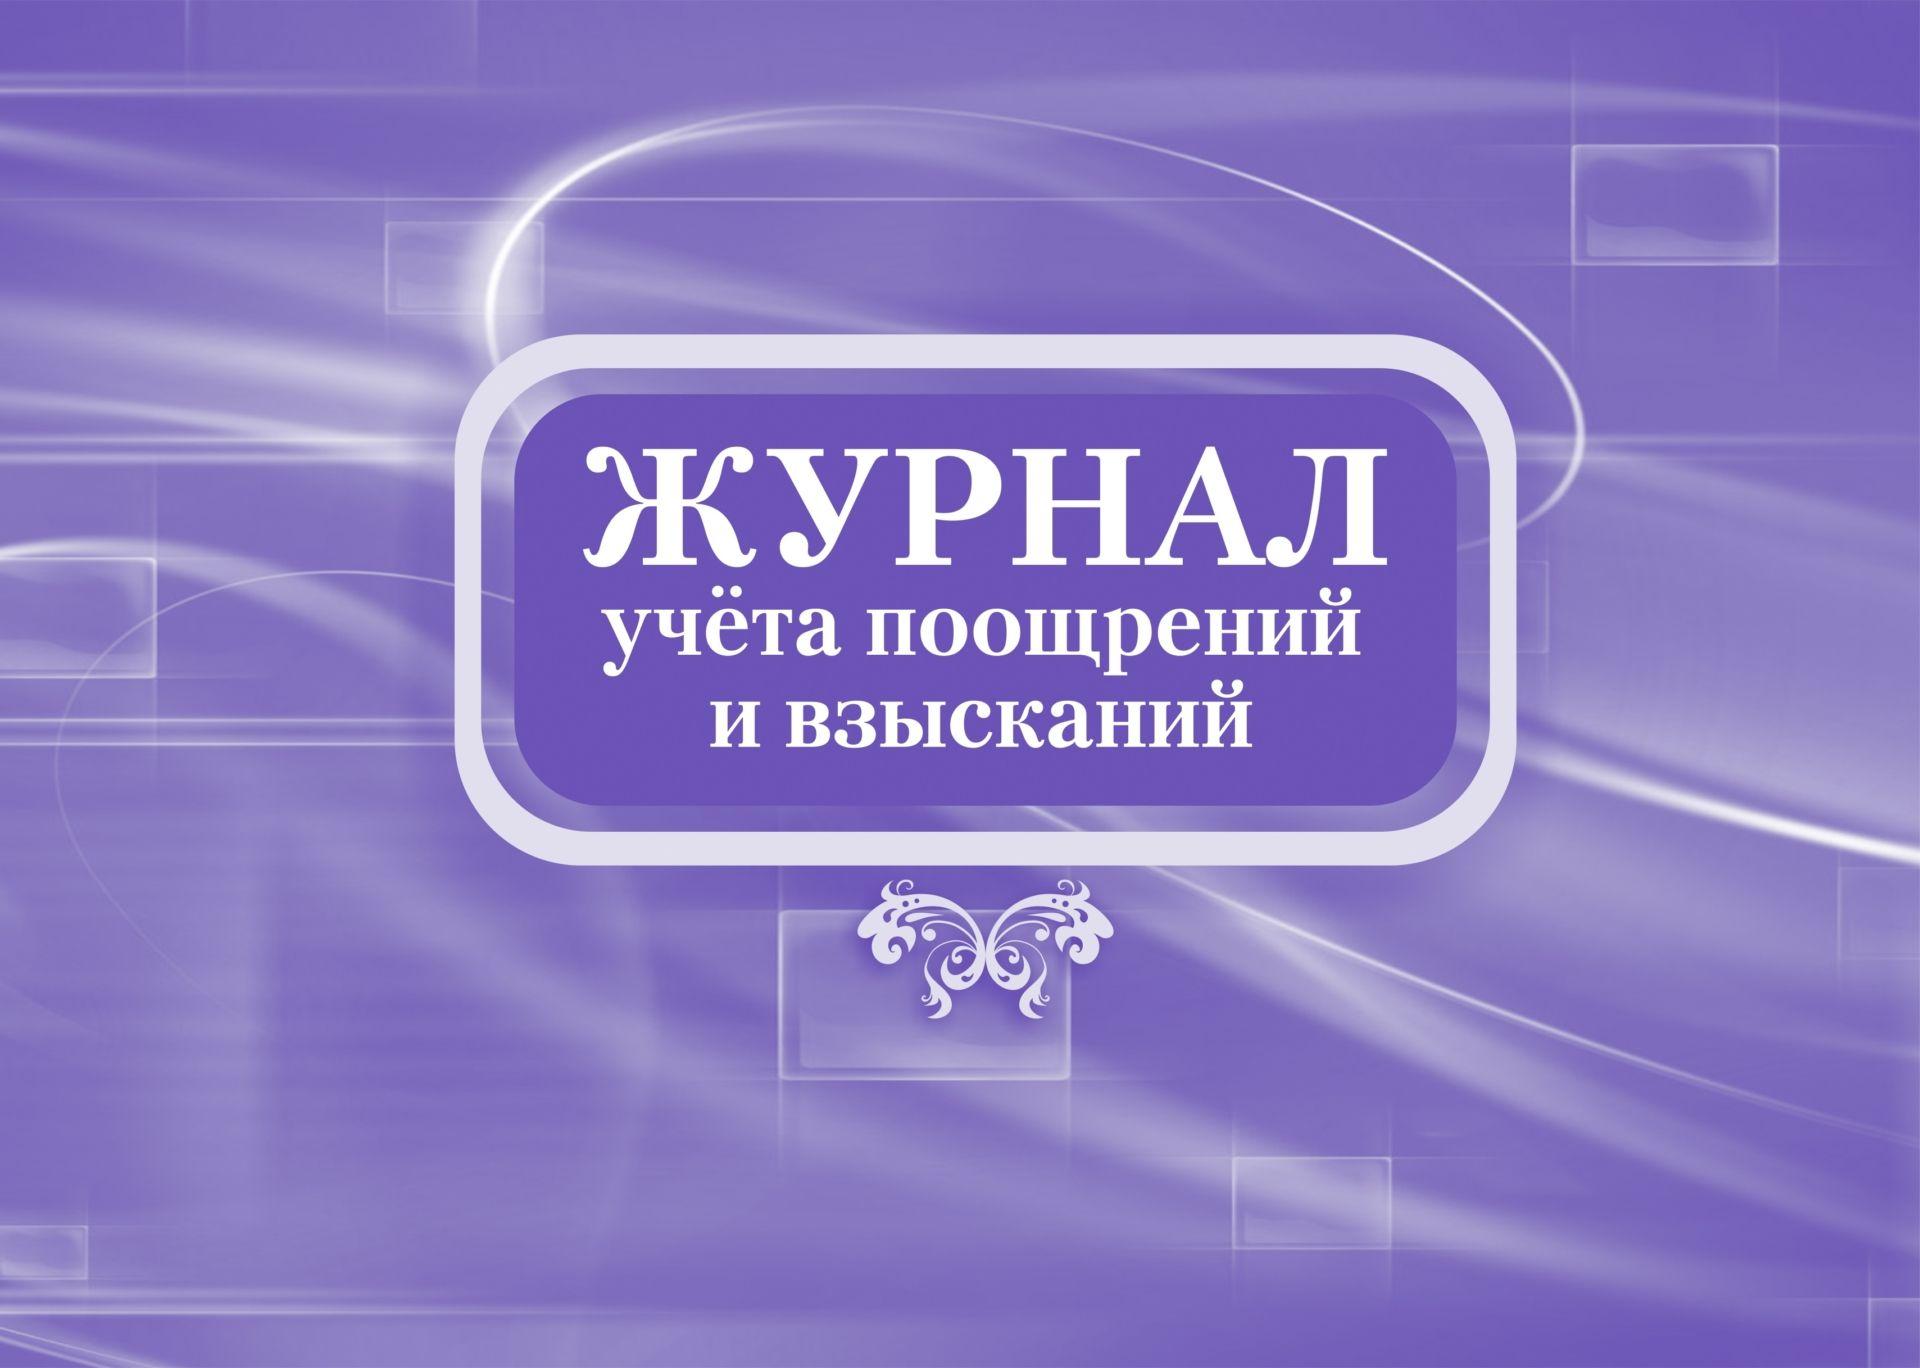 Журнал учета поощрений и взысканий: (формат 84х60/8,бл. писчая, обл. офсет 160, 64 с.)